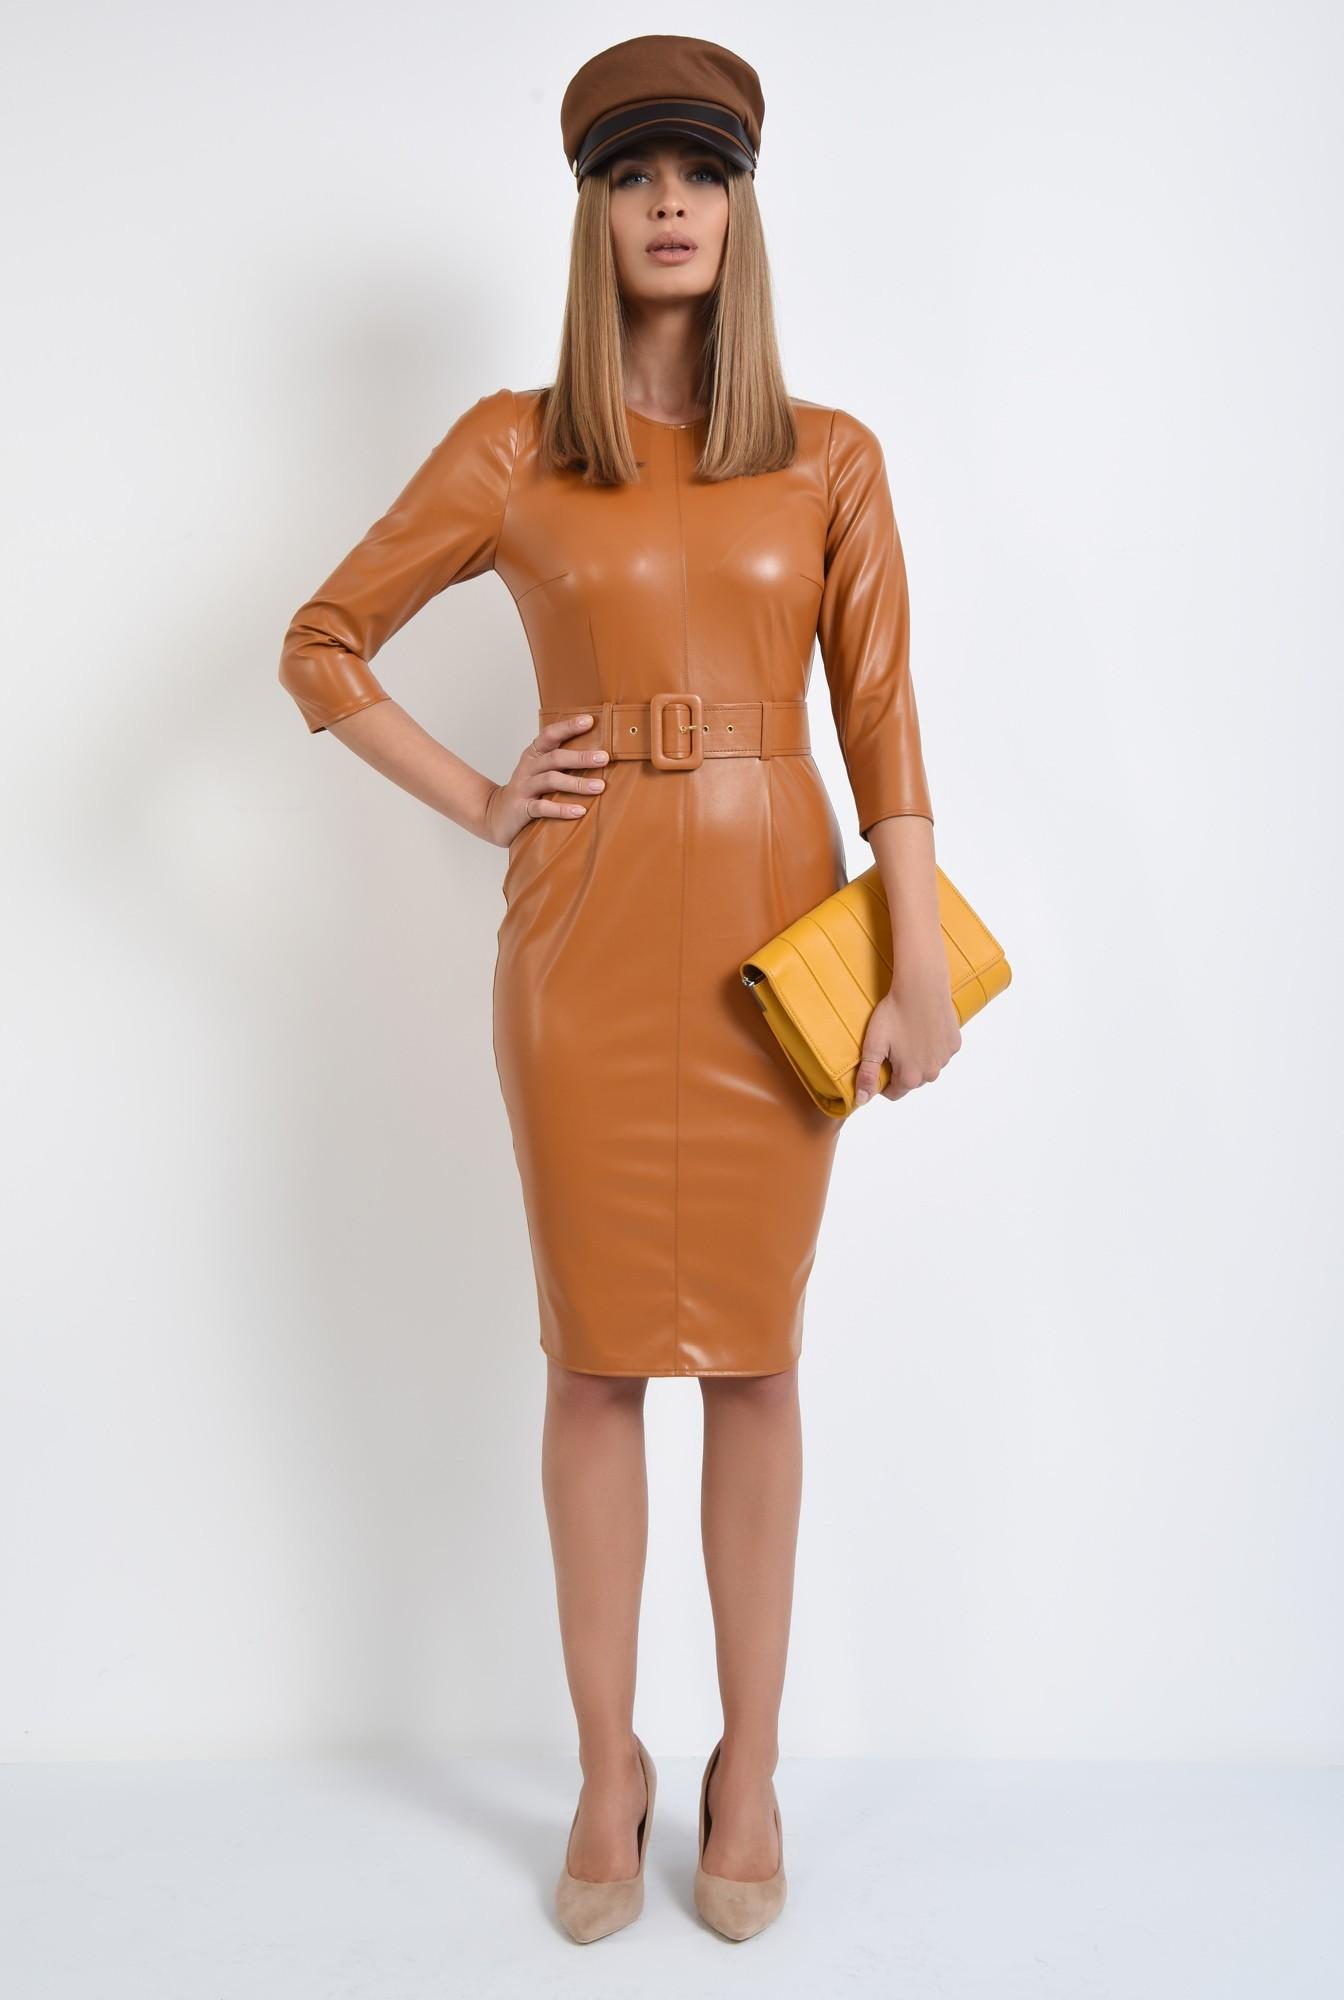 3 - rochie casual, conica, cu centura, camel, PU, piele eco